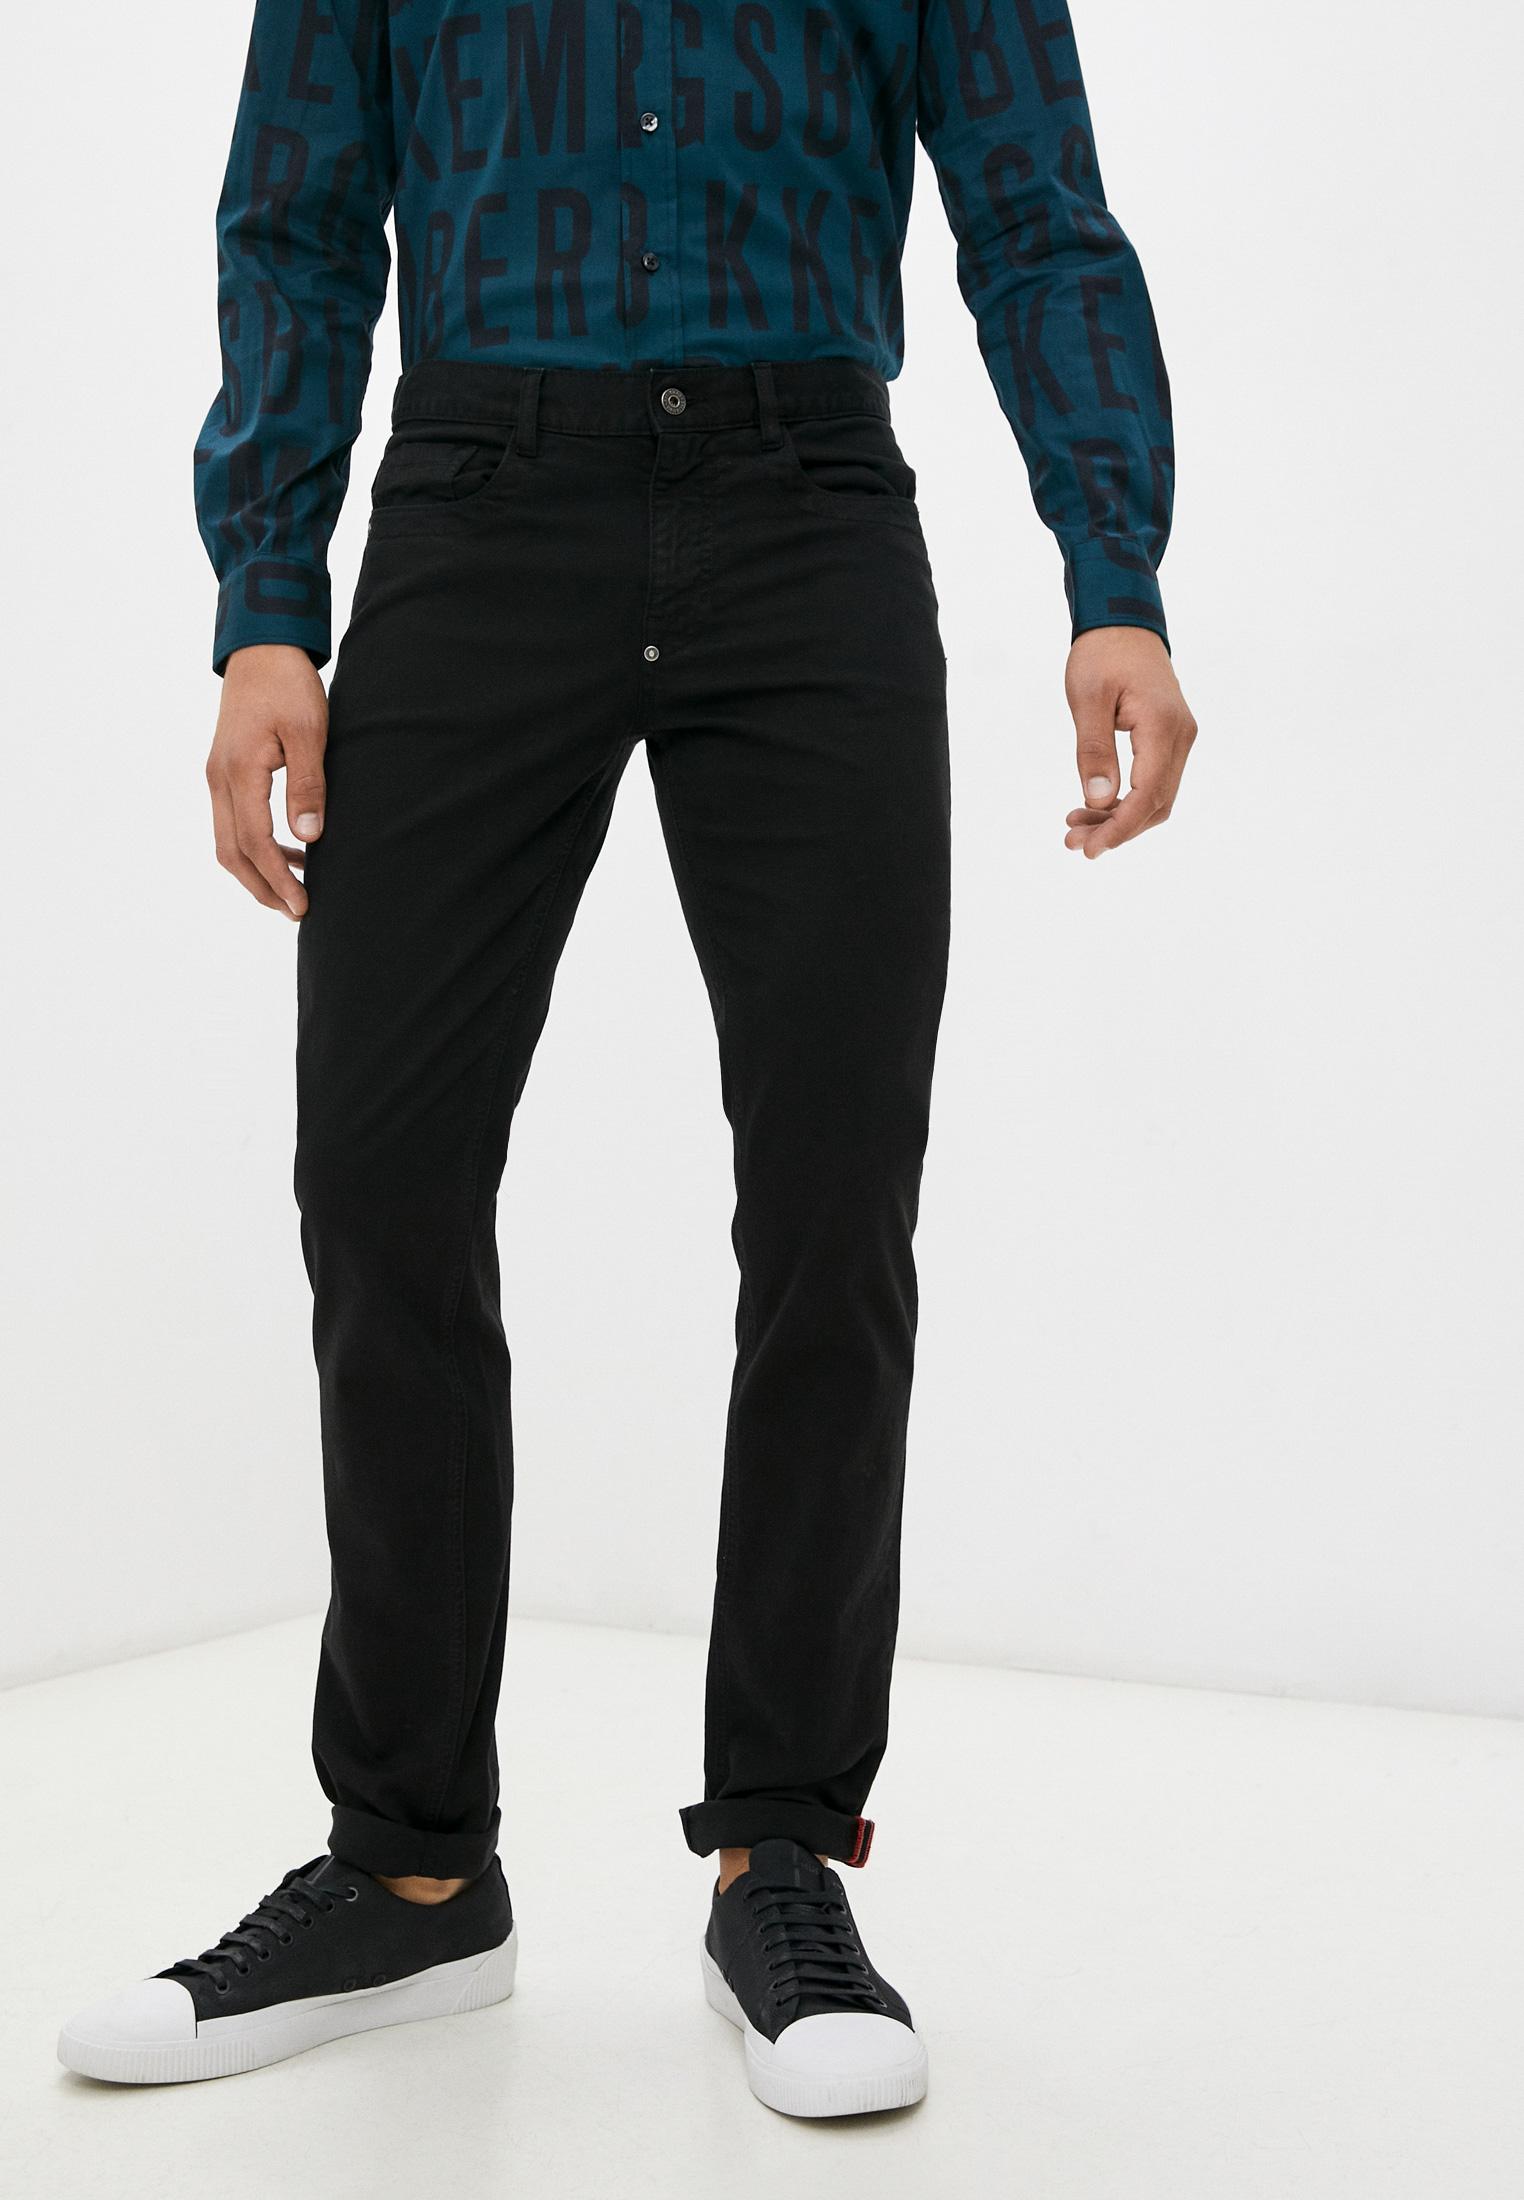 Мужские зауженные джинсы Bikkembergs (Биккембергс) C Q 101 18 S 3279: изображение 1